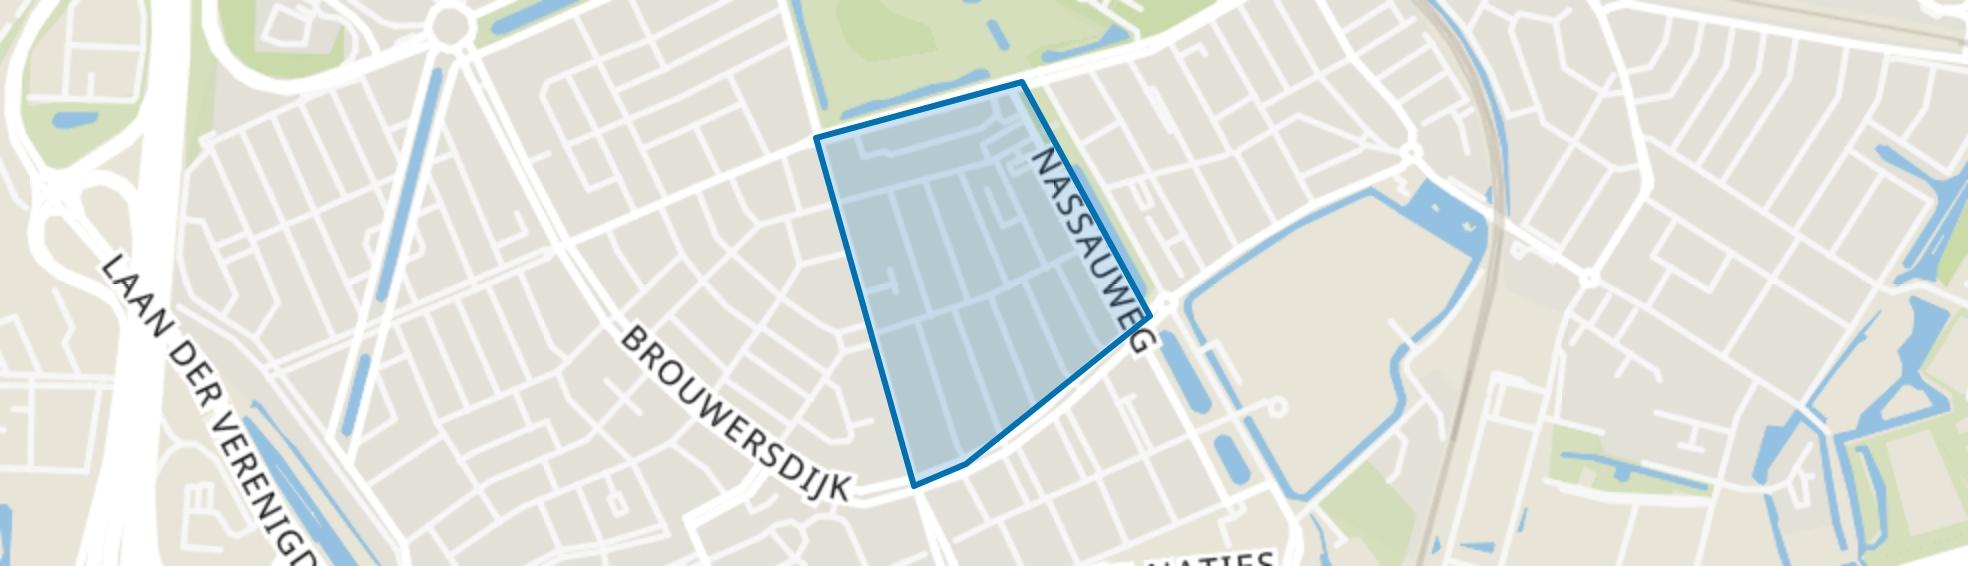 Pr. Bernhardstraat en omgeving, Dordrecht map